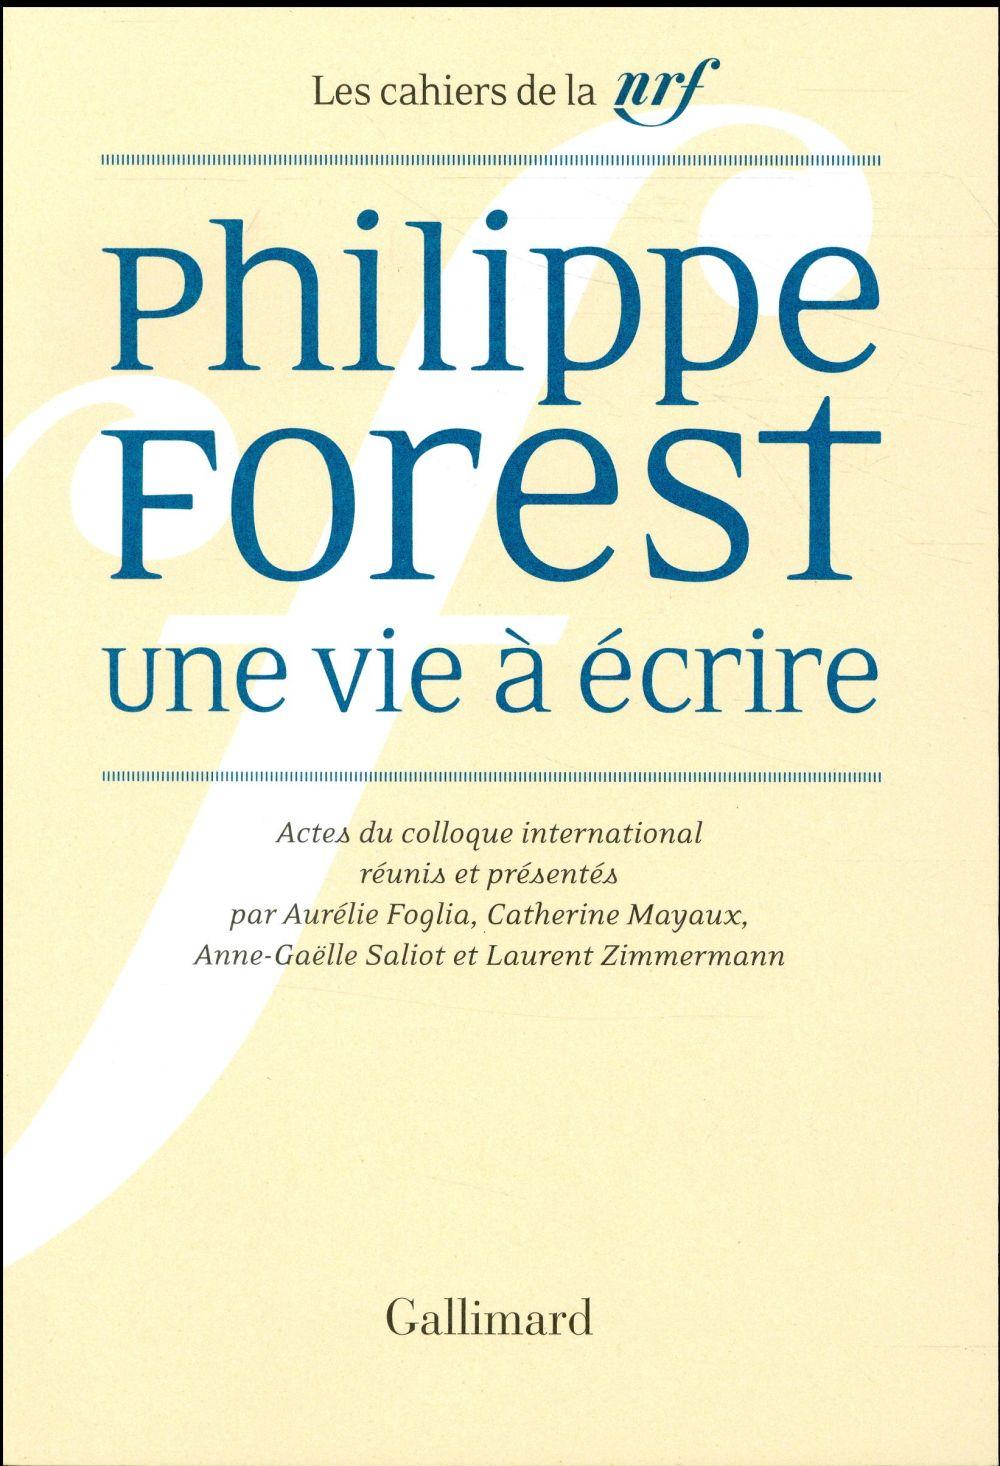 Les cahiers de la NRF ; Philippe Forest, une vie à écrire ; actes du colloque international Duke University & Universités de Paris 3, Paris 7 et Cergy-Pontoise